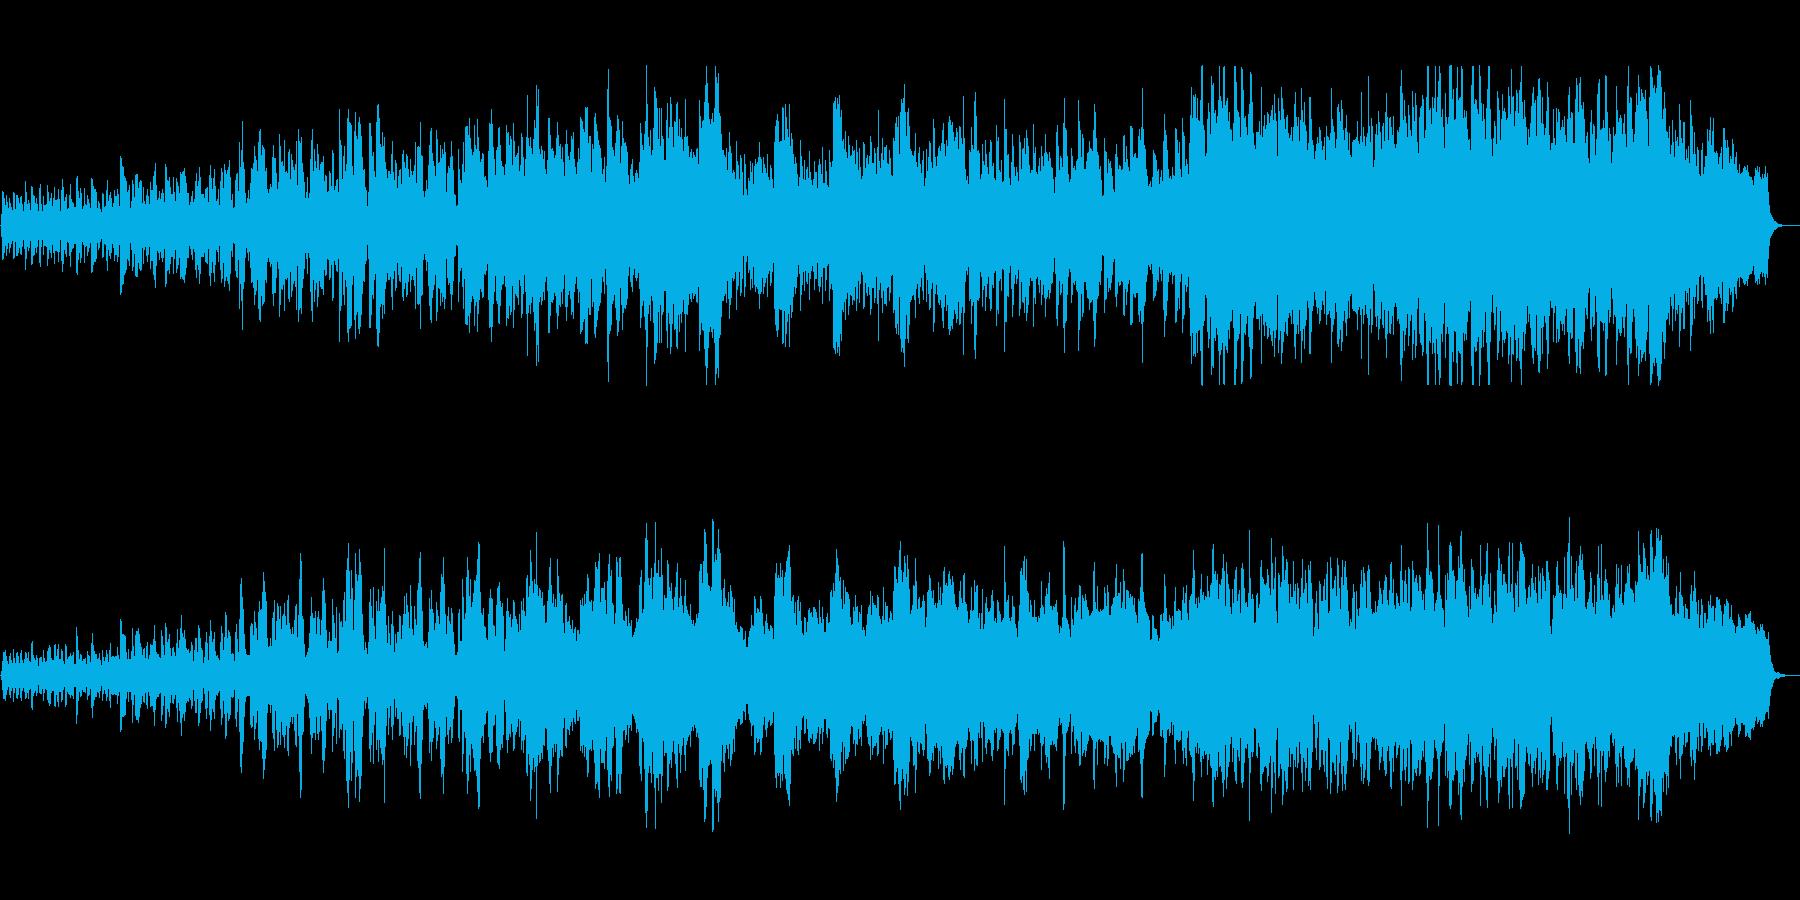 いきいきしている大自然のストリングス曲の再生済みの波形